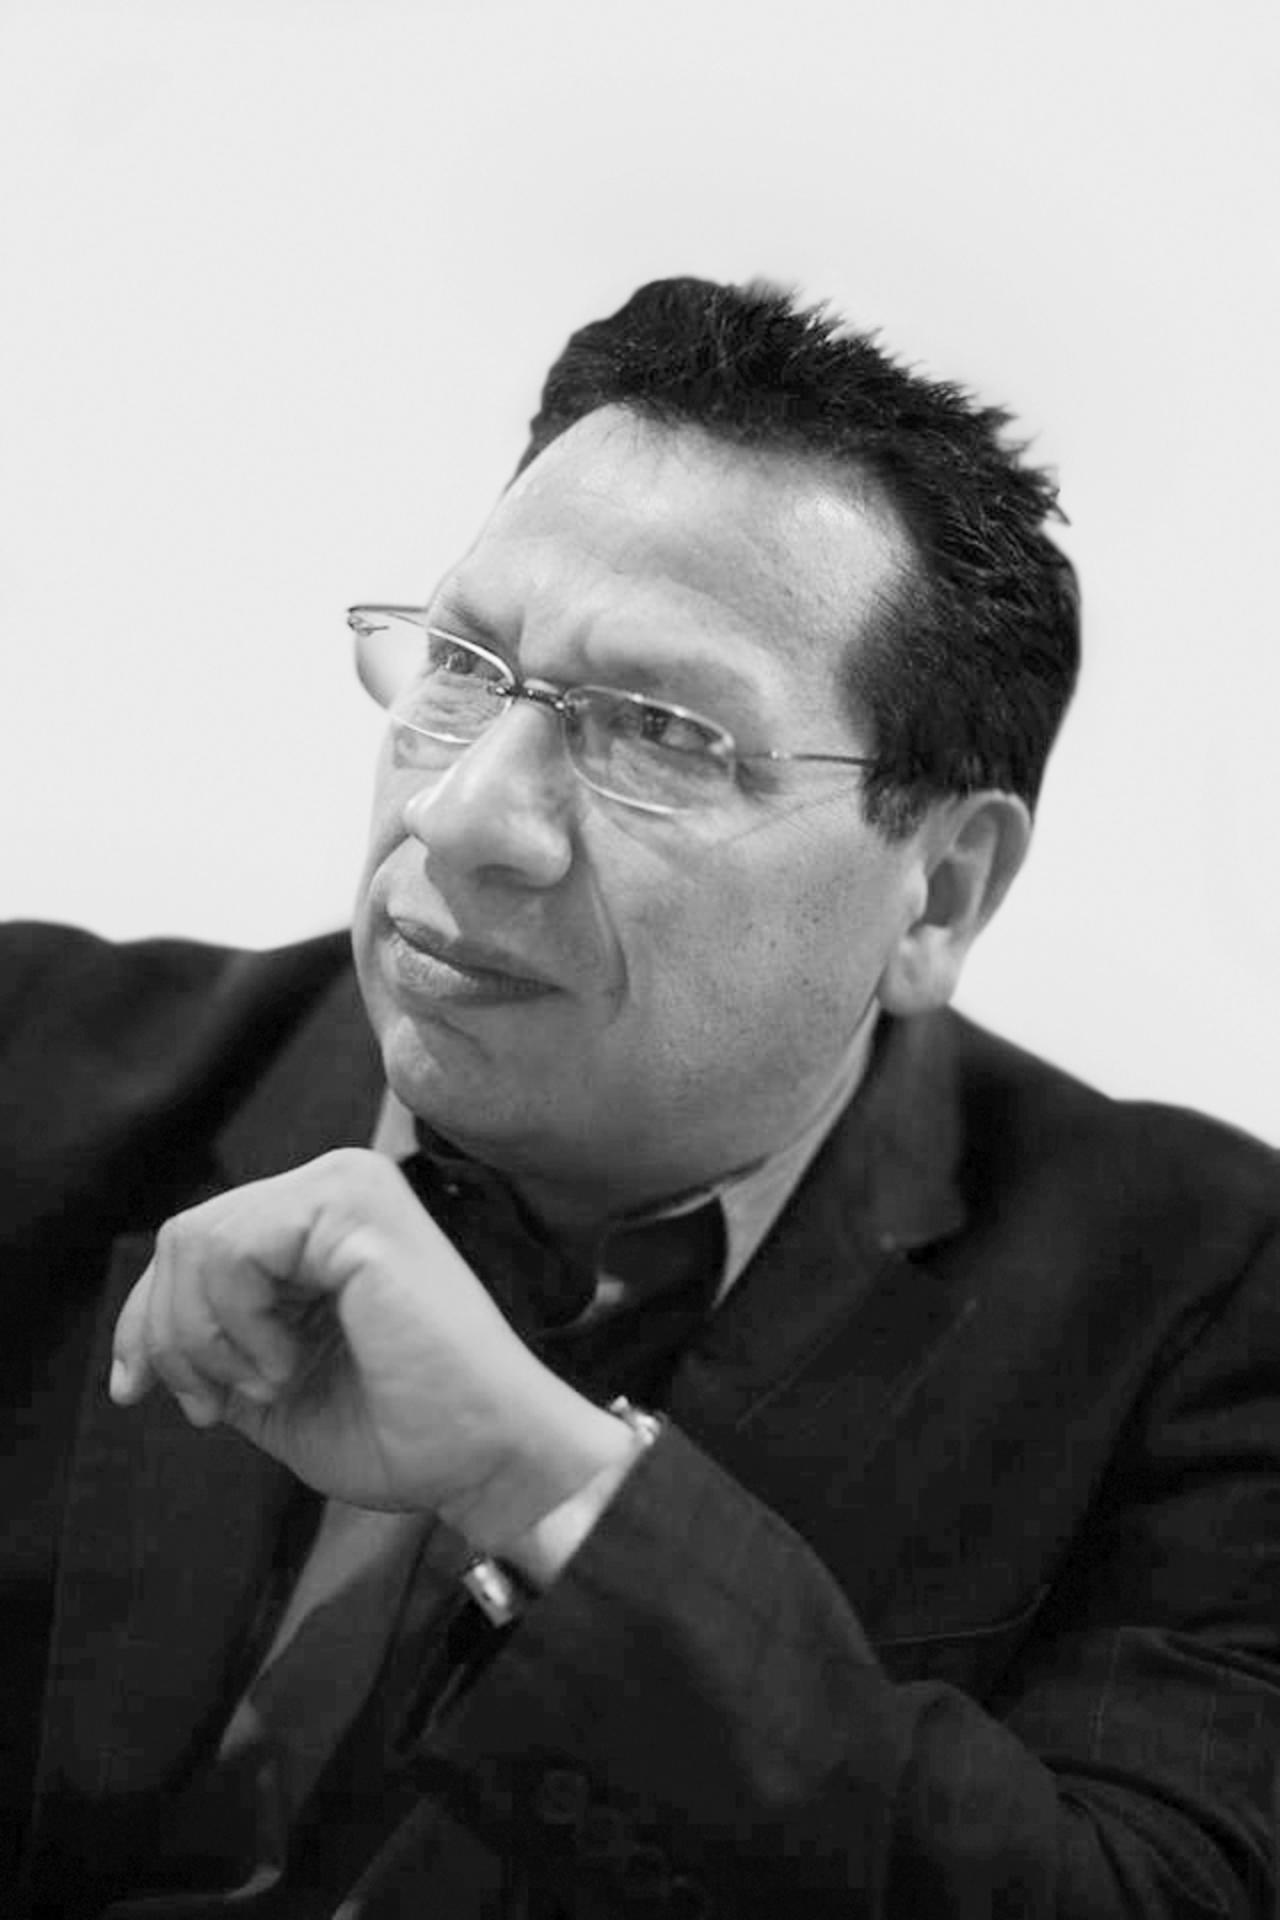 Va AMLO en serio contra Peña Nieto y Calderón  ¿o Pactaría con ellos?